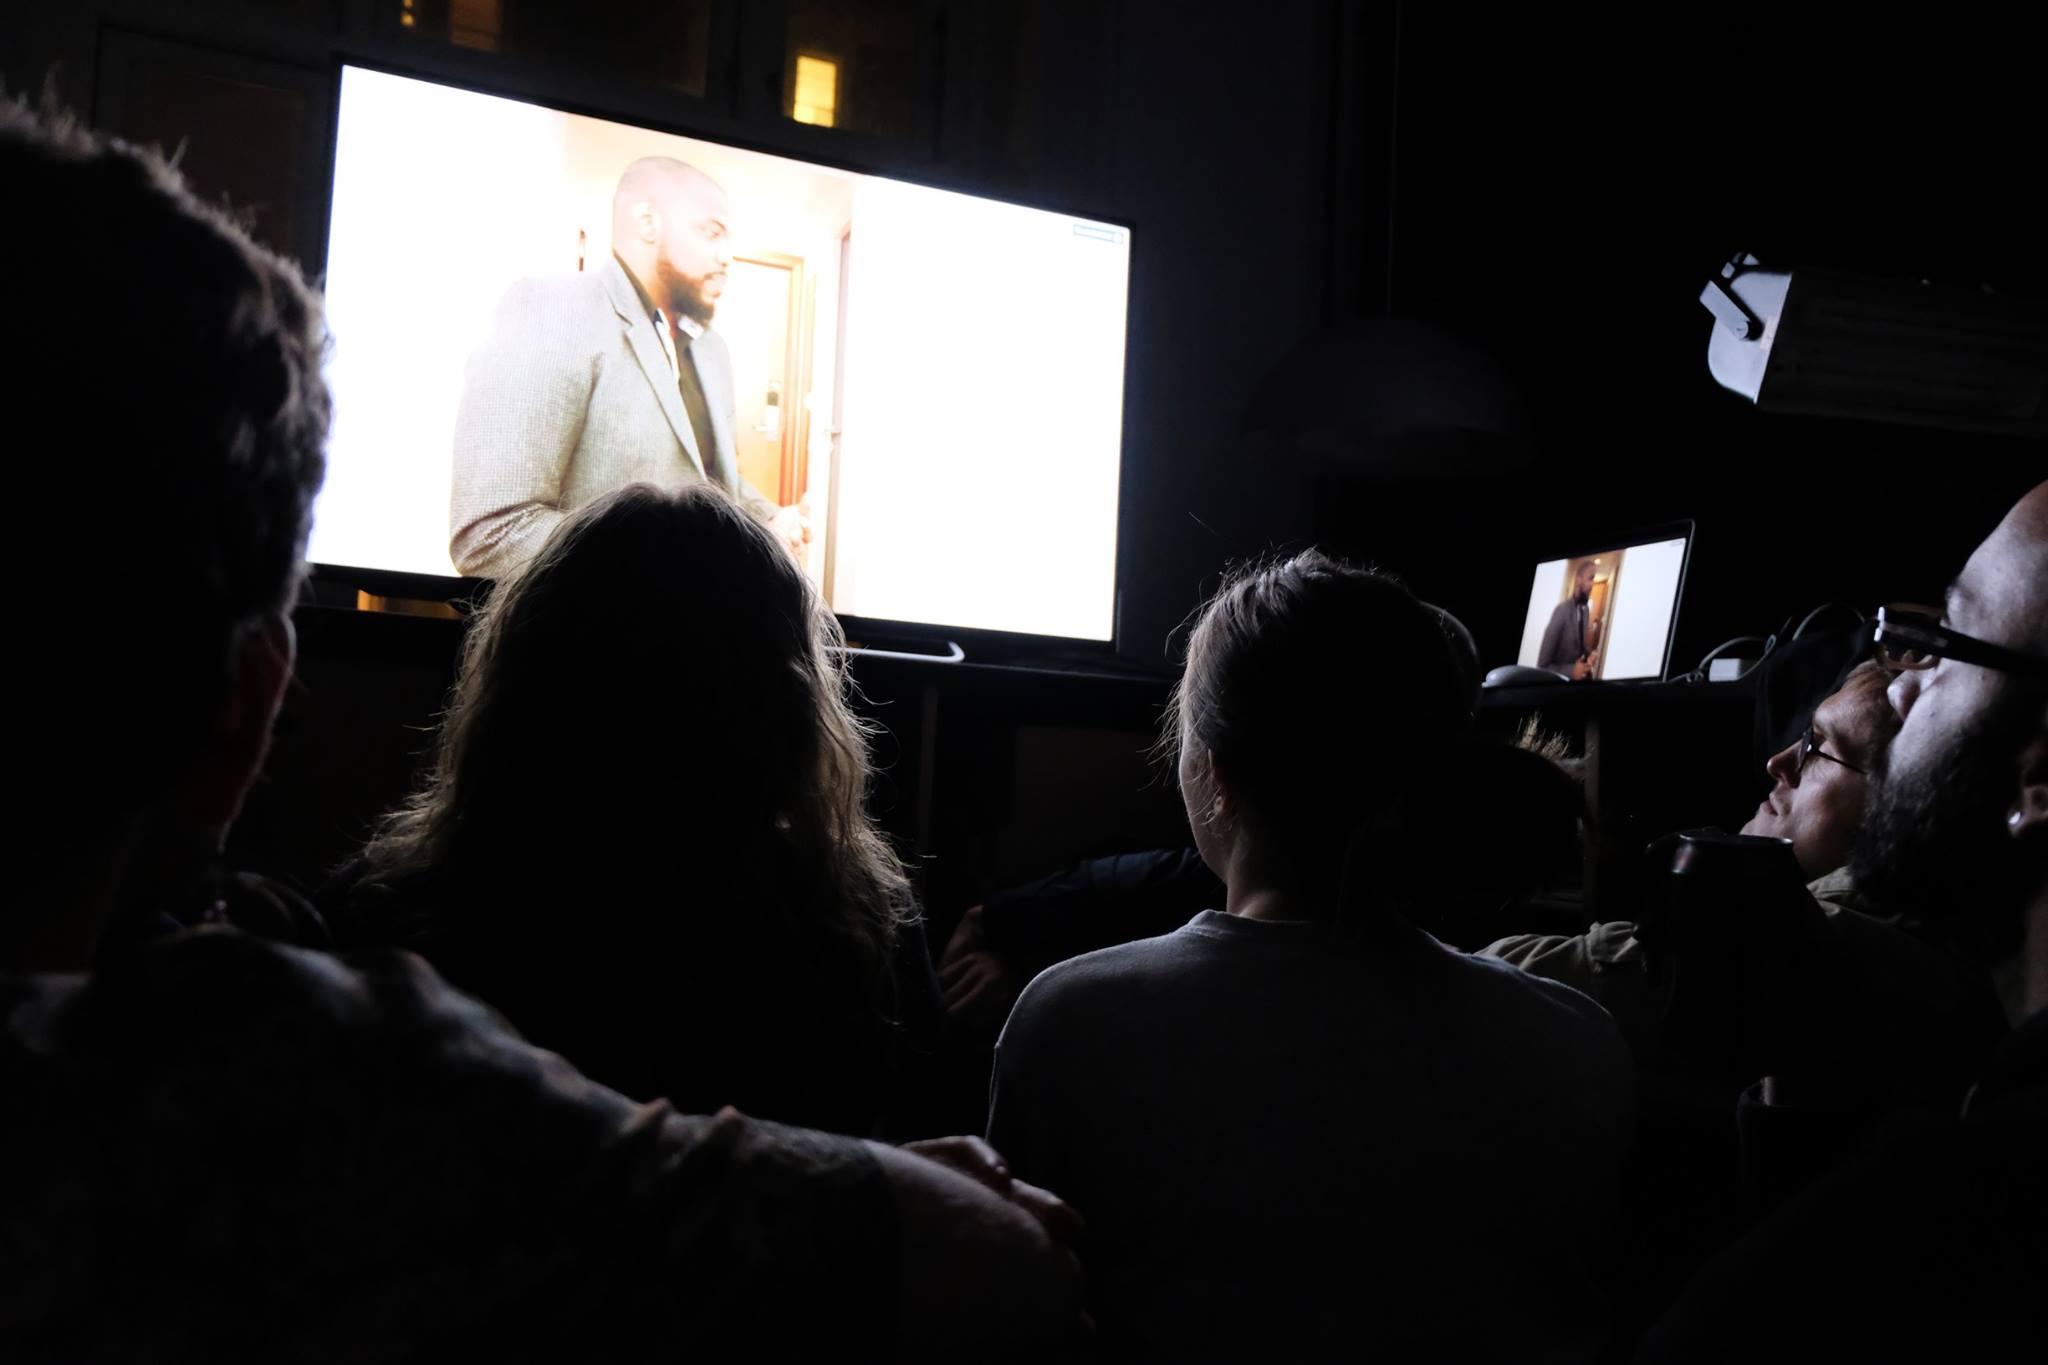 Frisk Flugt klipper i Blød By - Film Screening, Hospital Prison University Archive, 2017